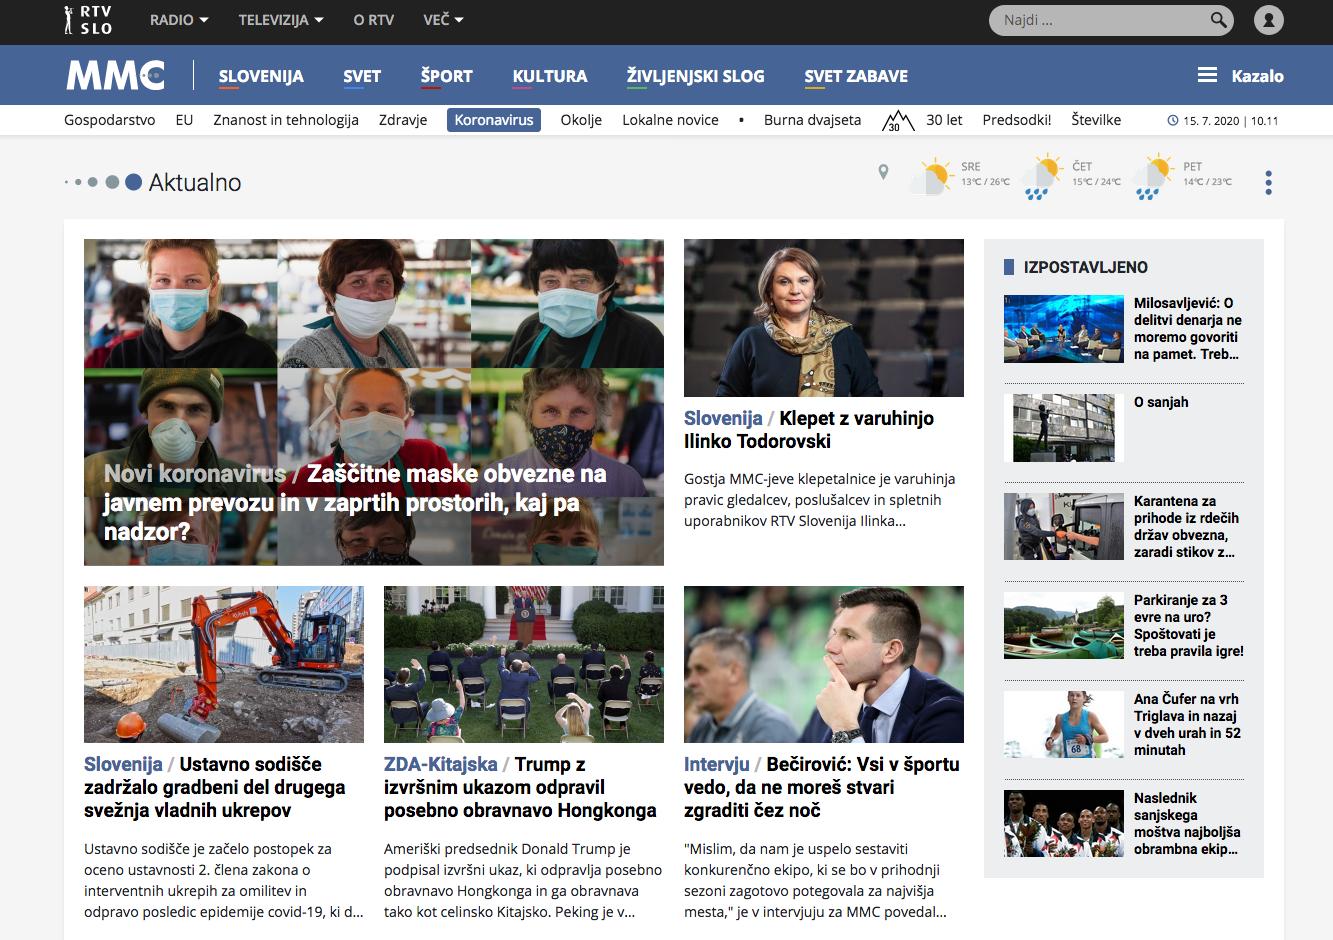 Il portale di RTVSLO